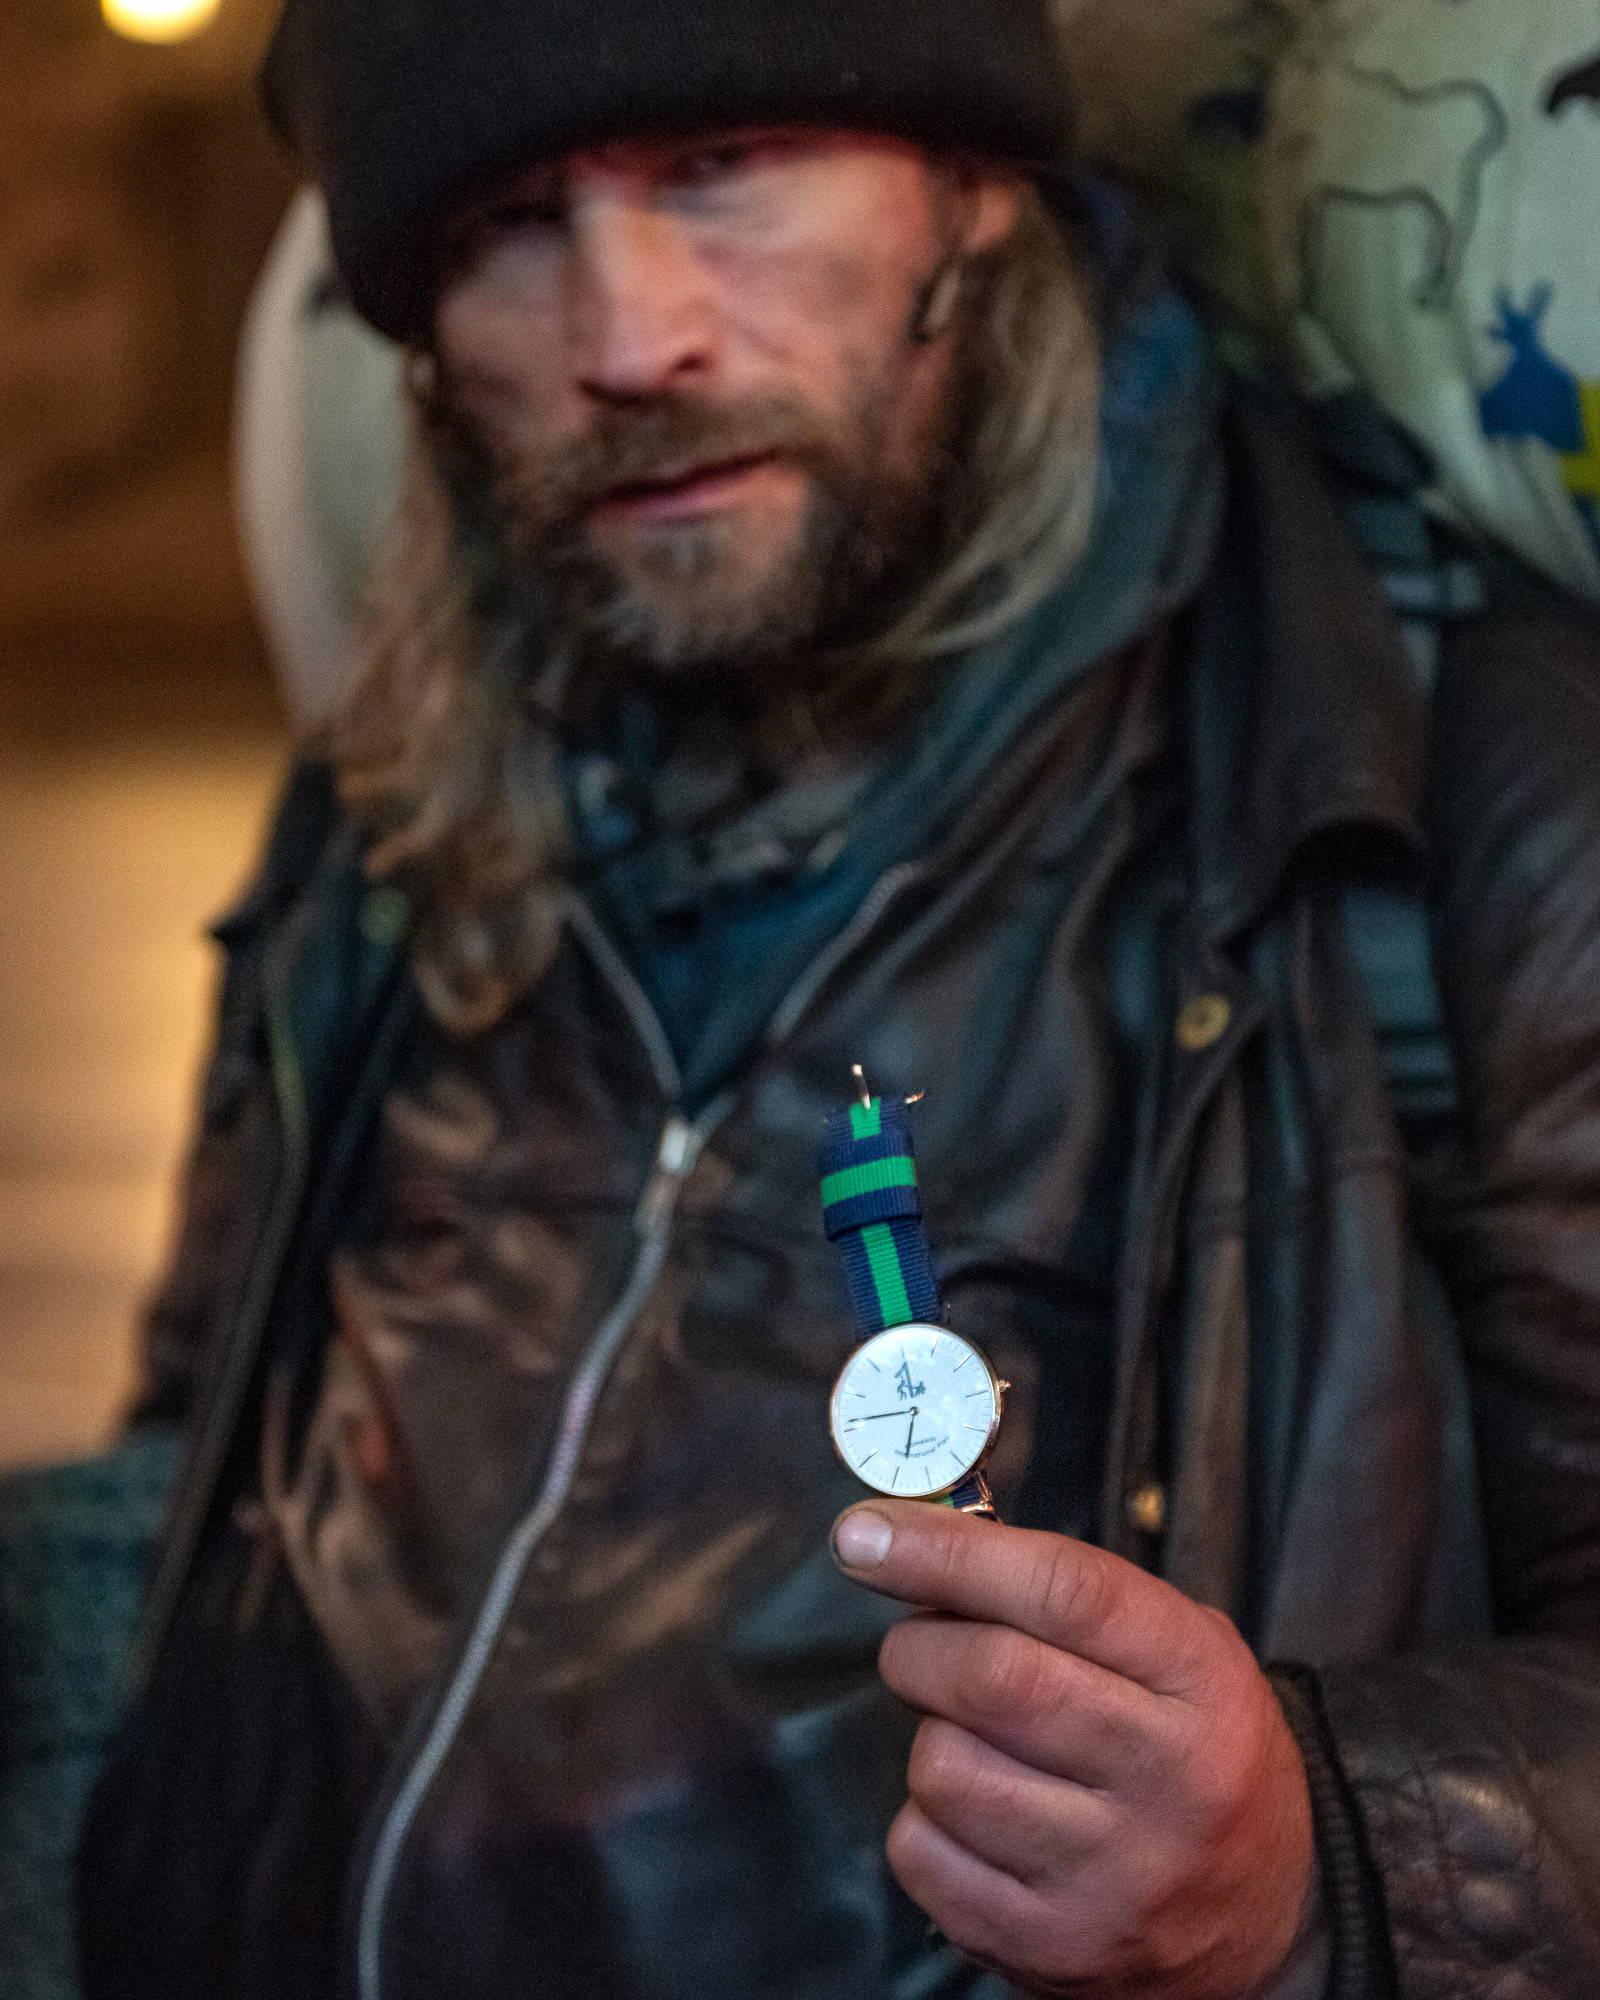 Homeless man holding wristwatch